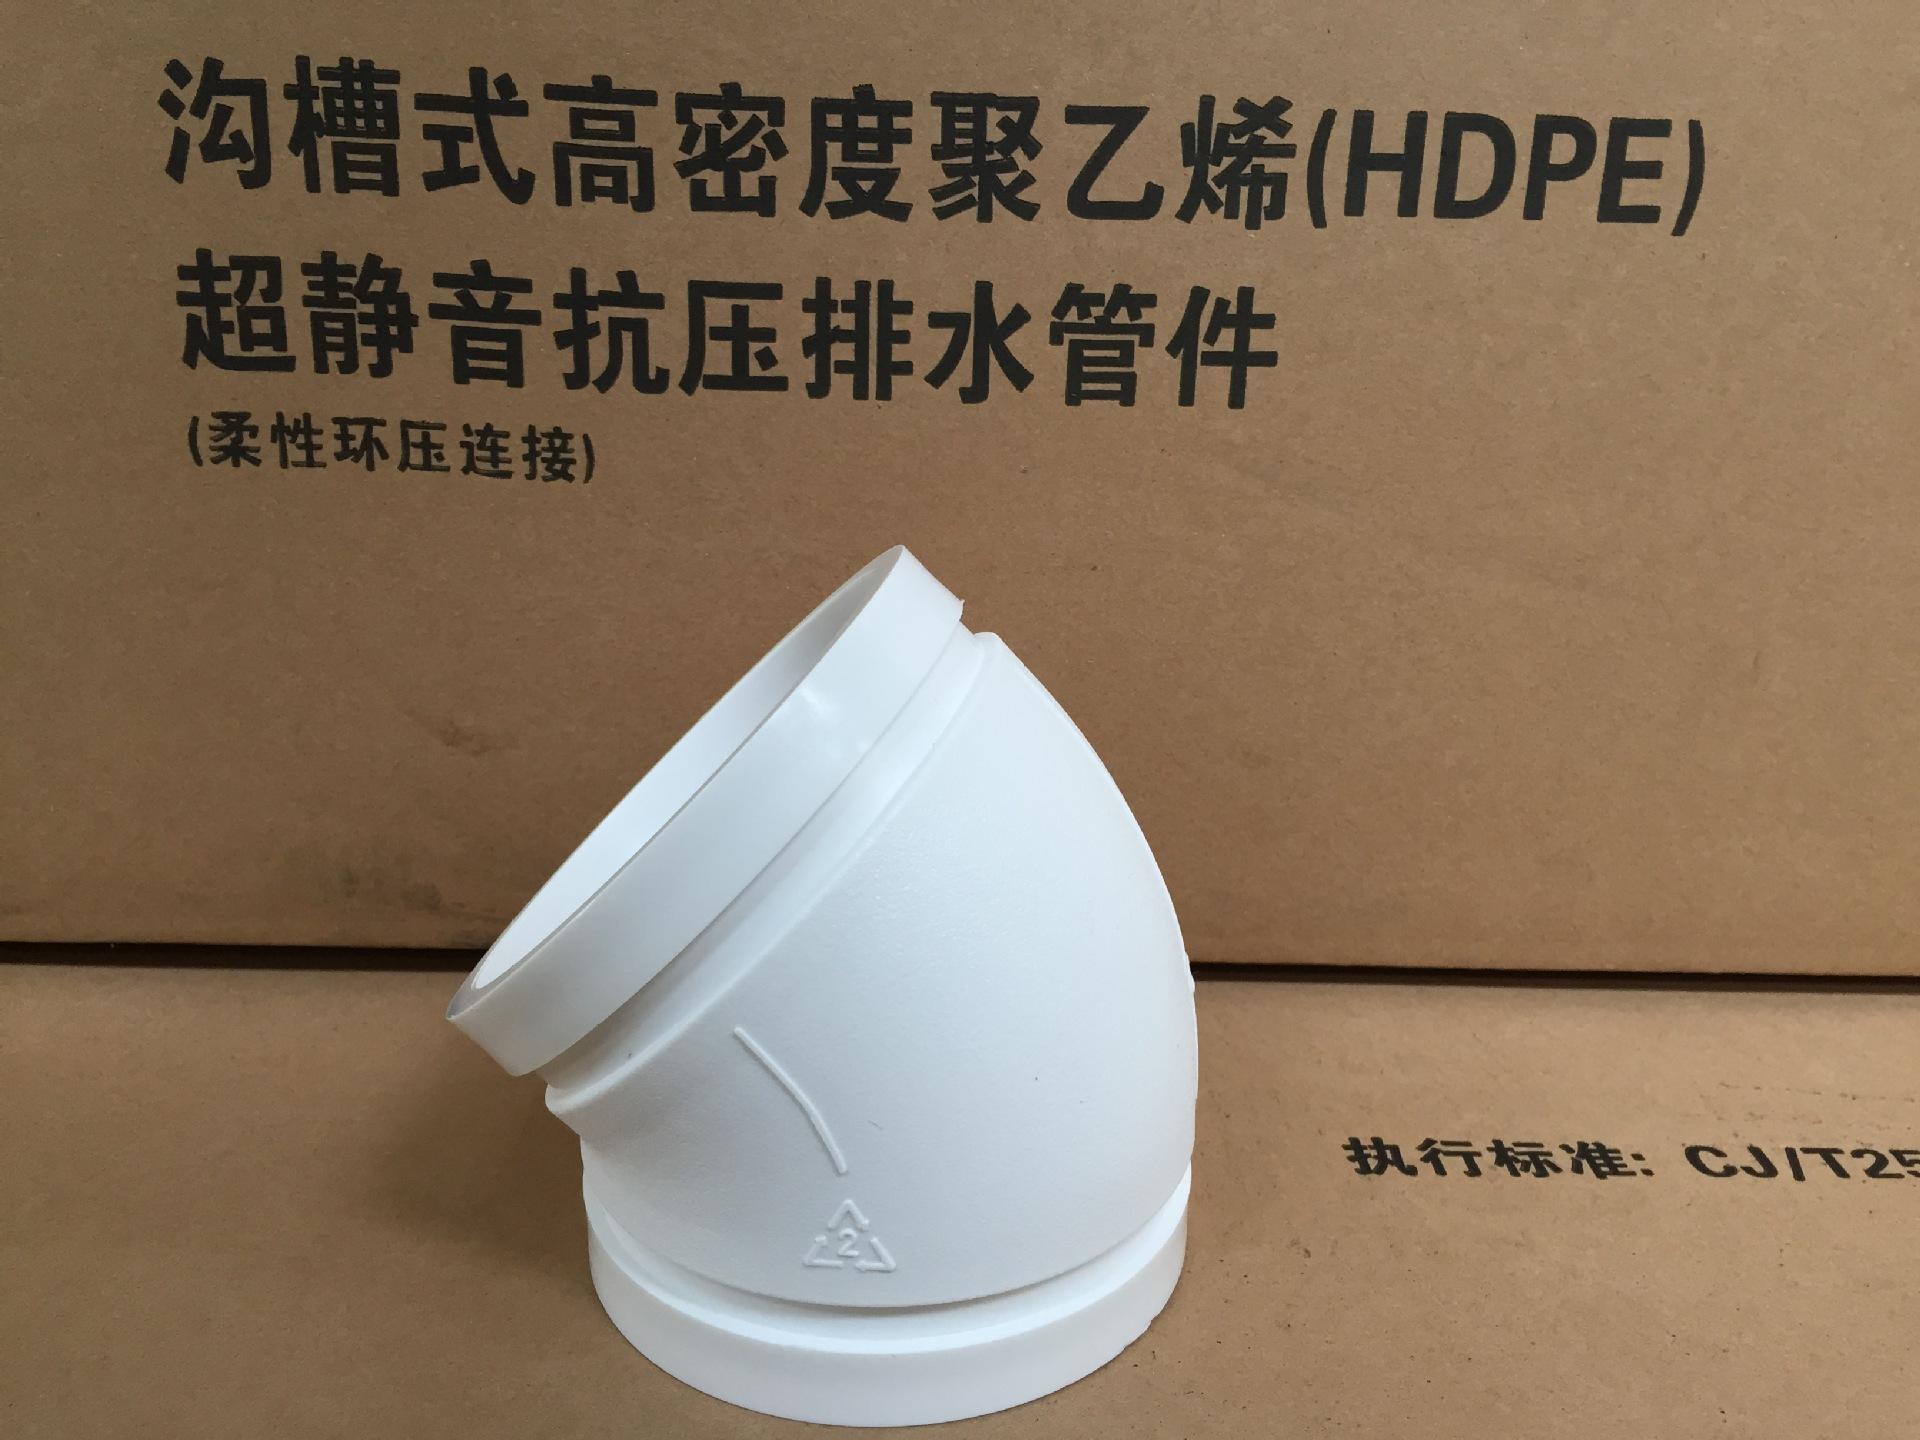 沟槽式HDPE中空排水管,45°直弯,PE沟槽式排水管,PE沟槽静音管示例图5